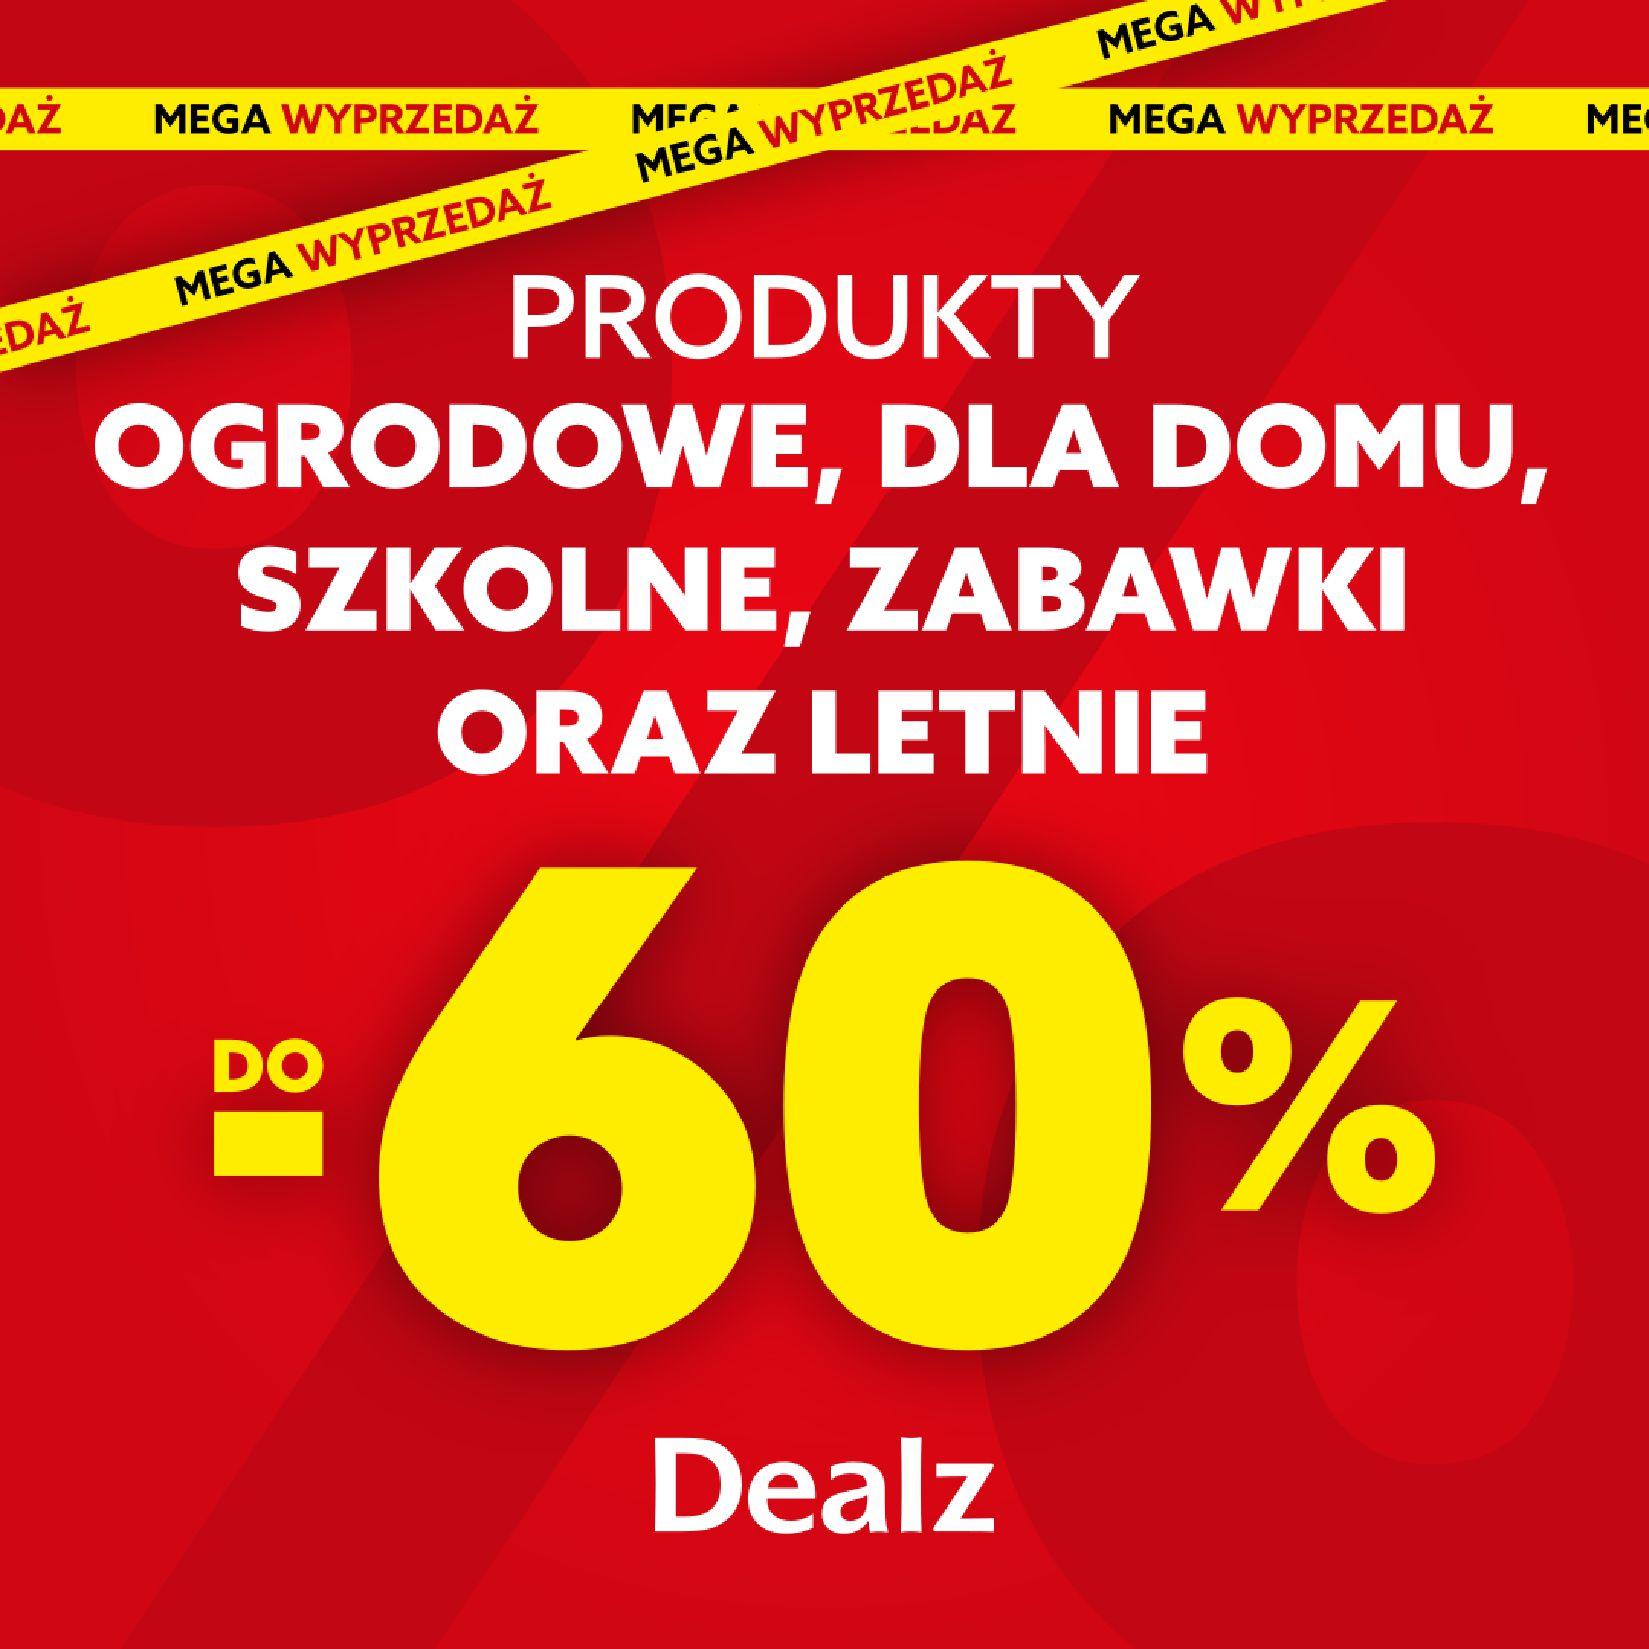 Gazetka Dealz : Gazetka Dealz - Mega wyprzedażde 2021-09-13 page-3